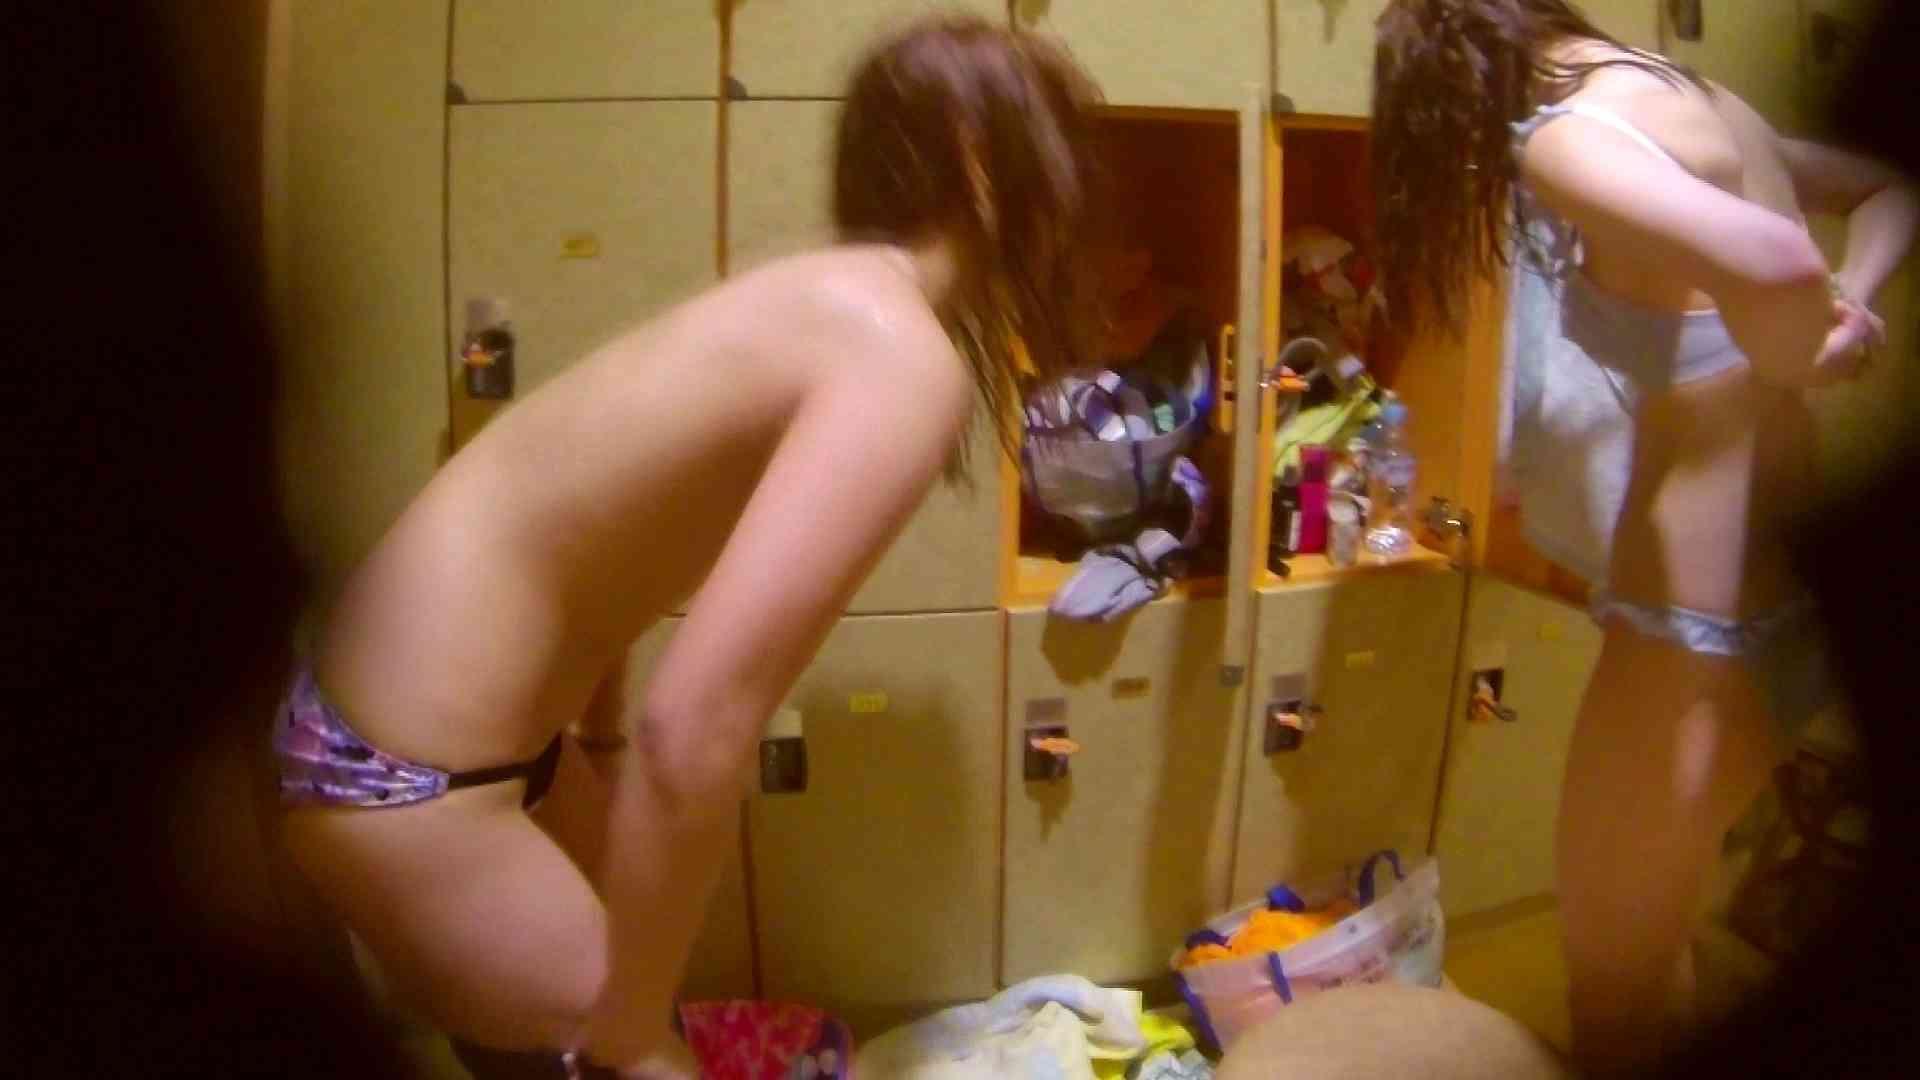 追い撮り!脱衣~洗い場、そして着替え、髪を乾かすまで完全追跡。  108枚